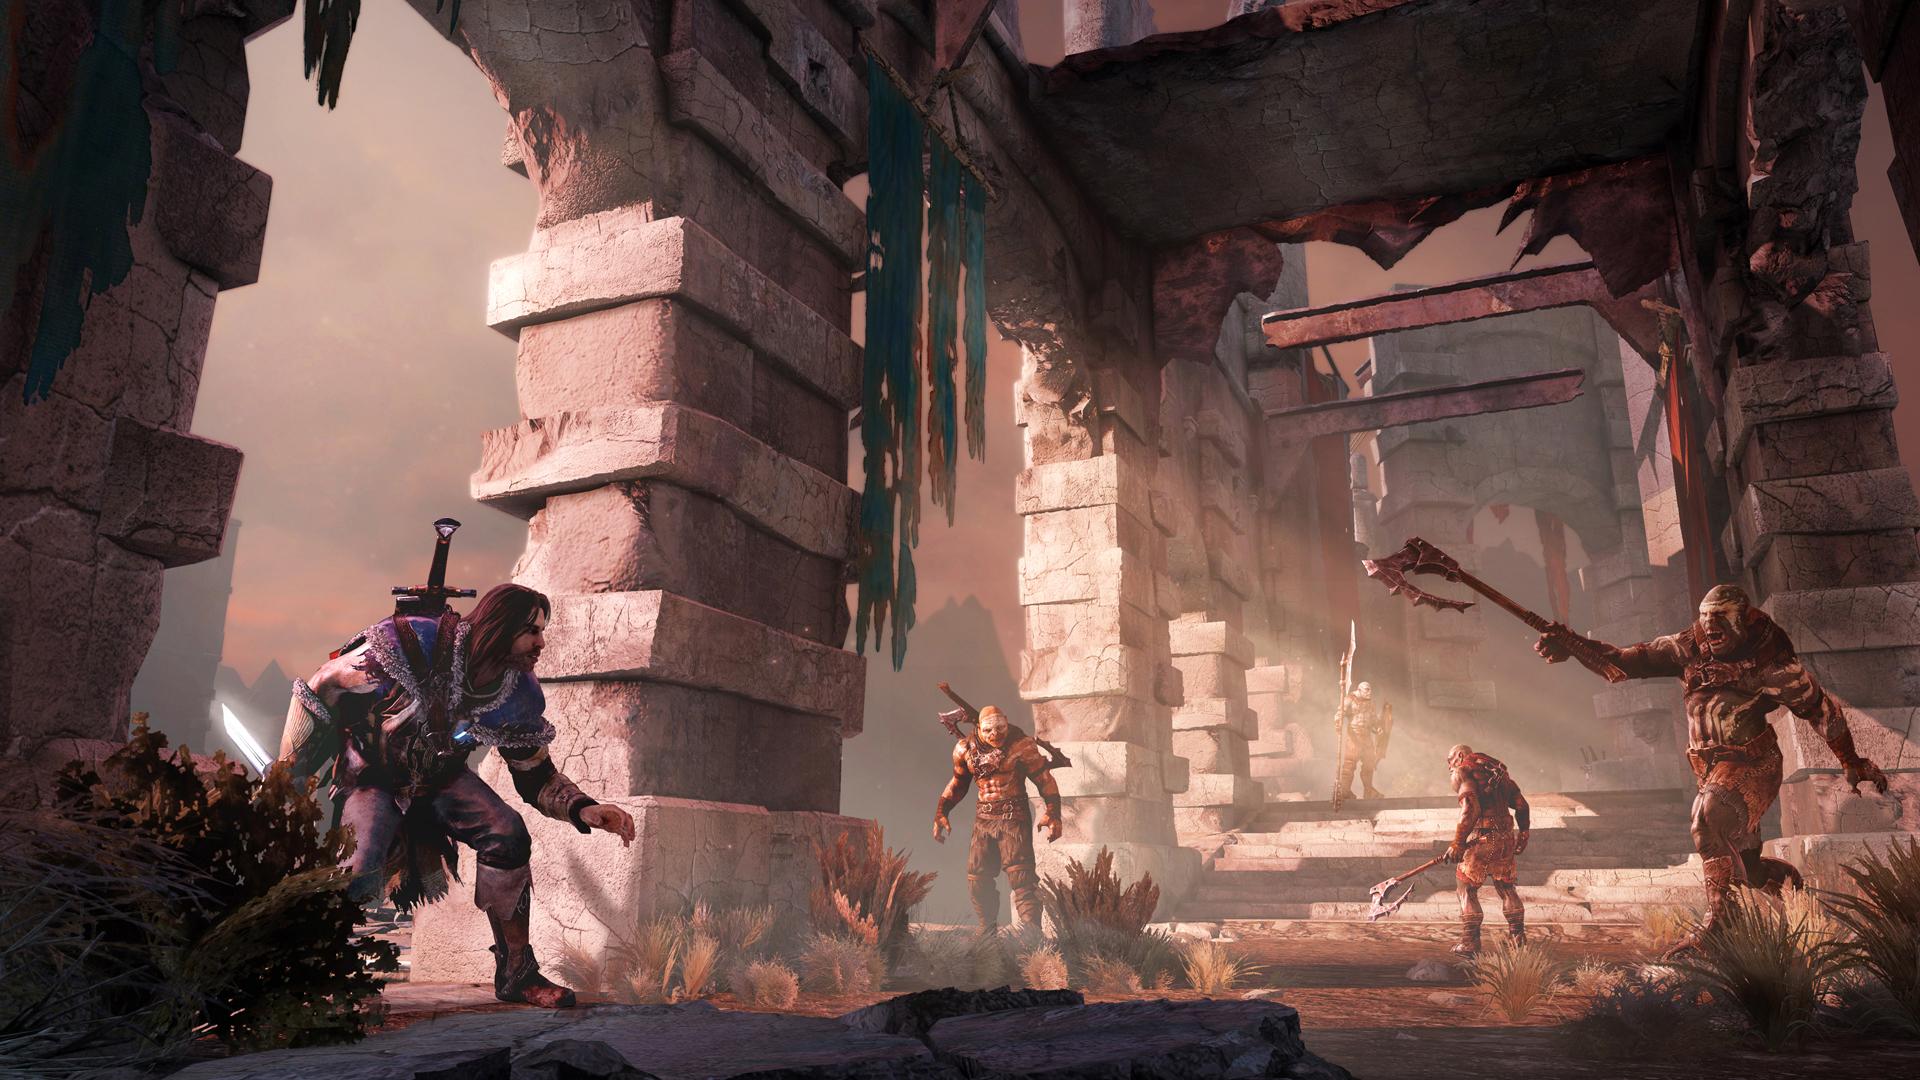 Programátor Assassin's Creed obviňuje Shadow of Mordor z kopírování 92552